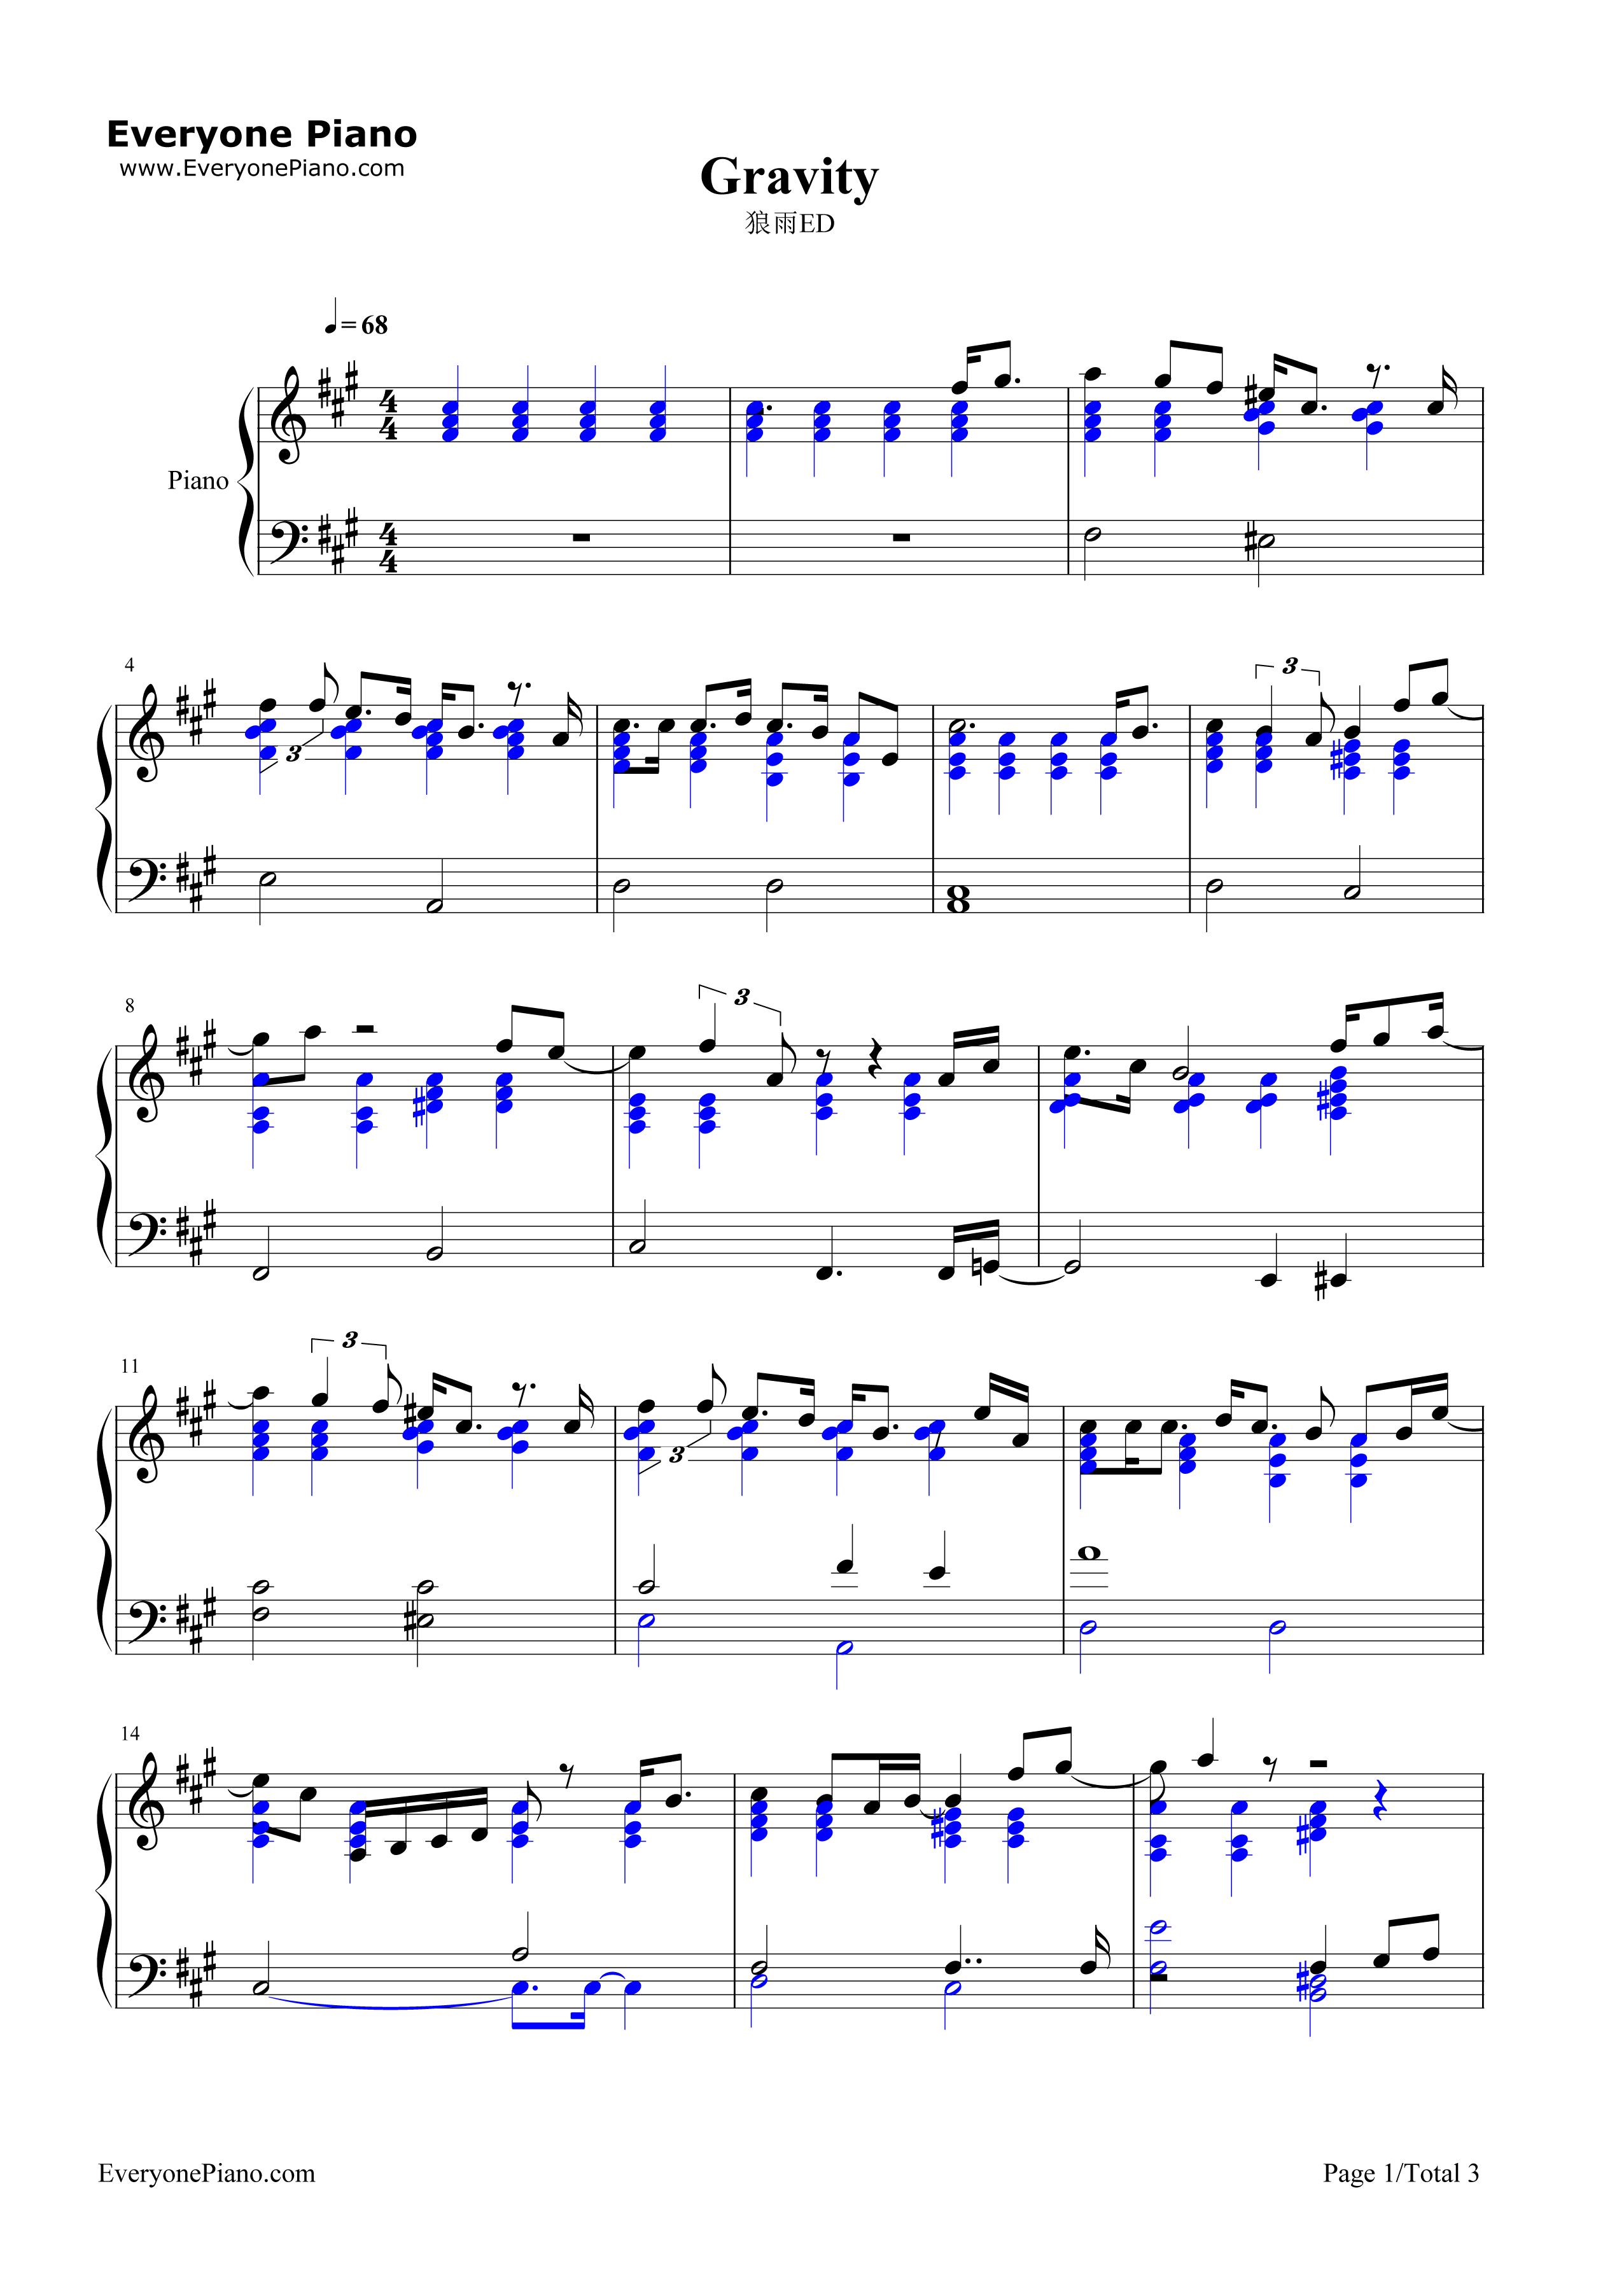 Gravity Sheet Music Keninamas